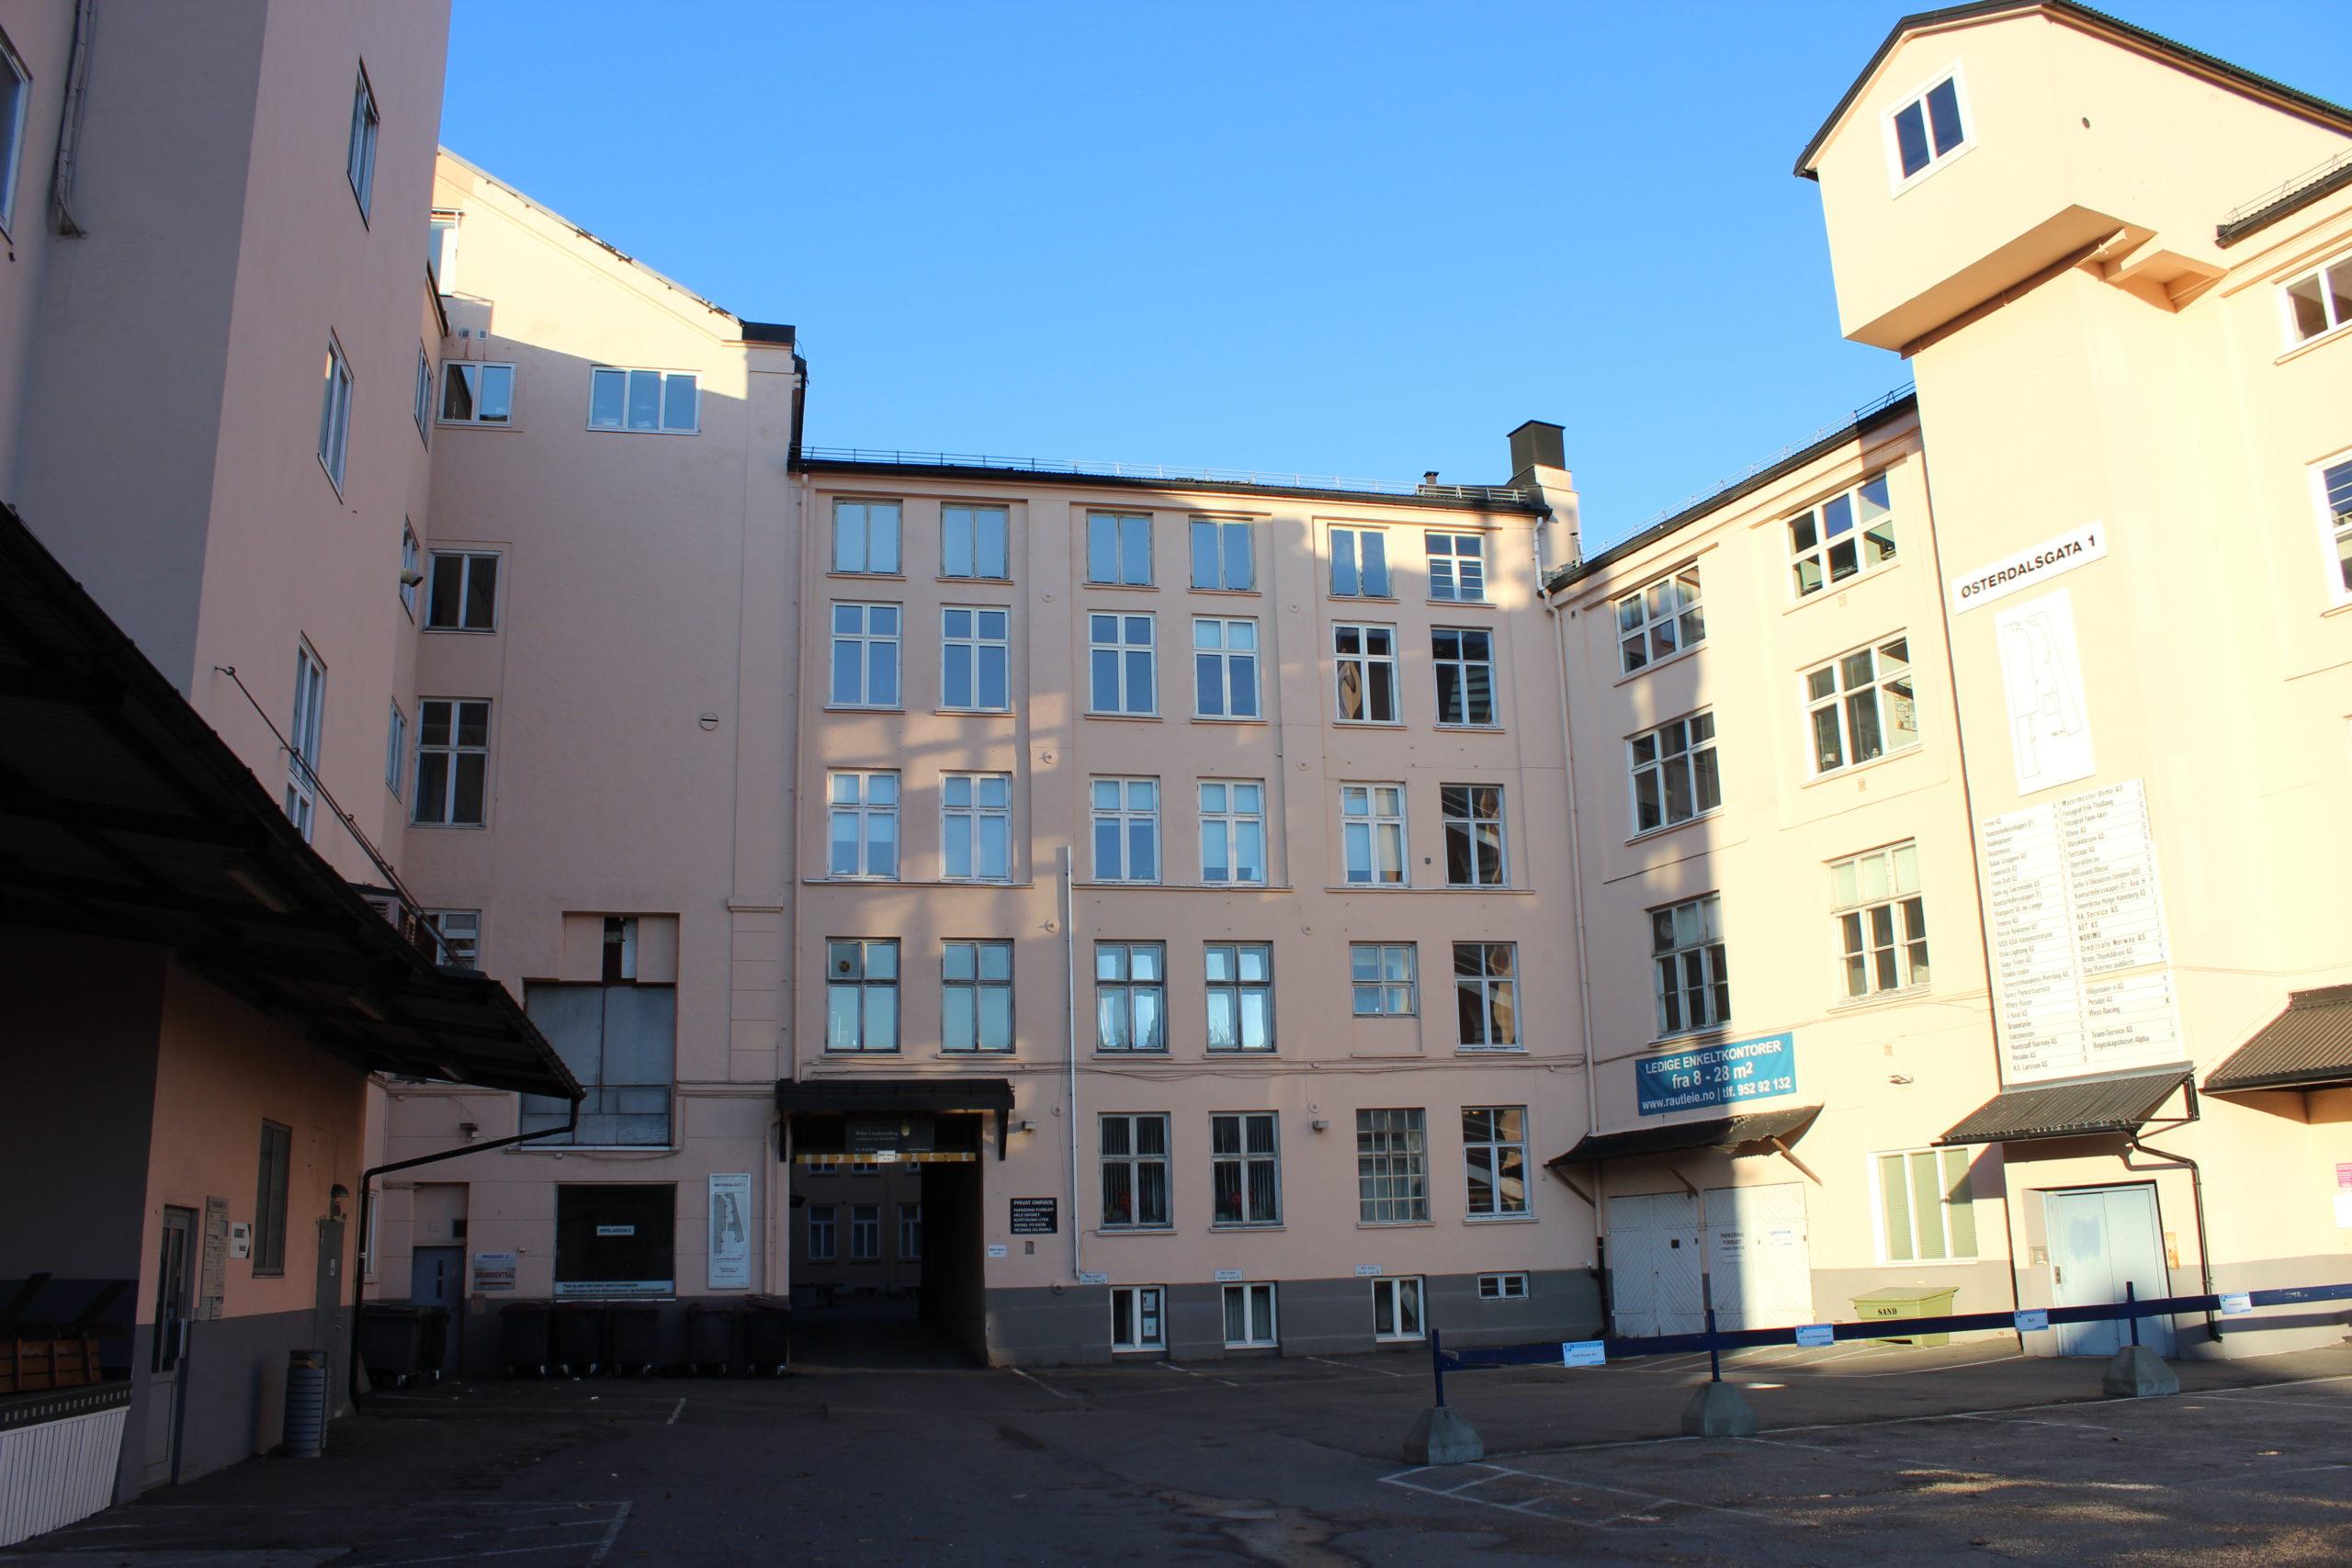 Østerdalsgata 1 i dag